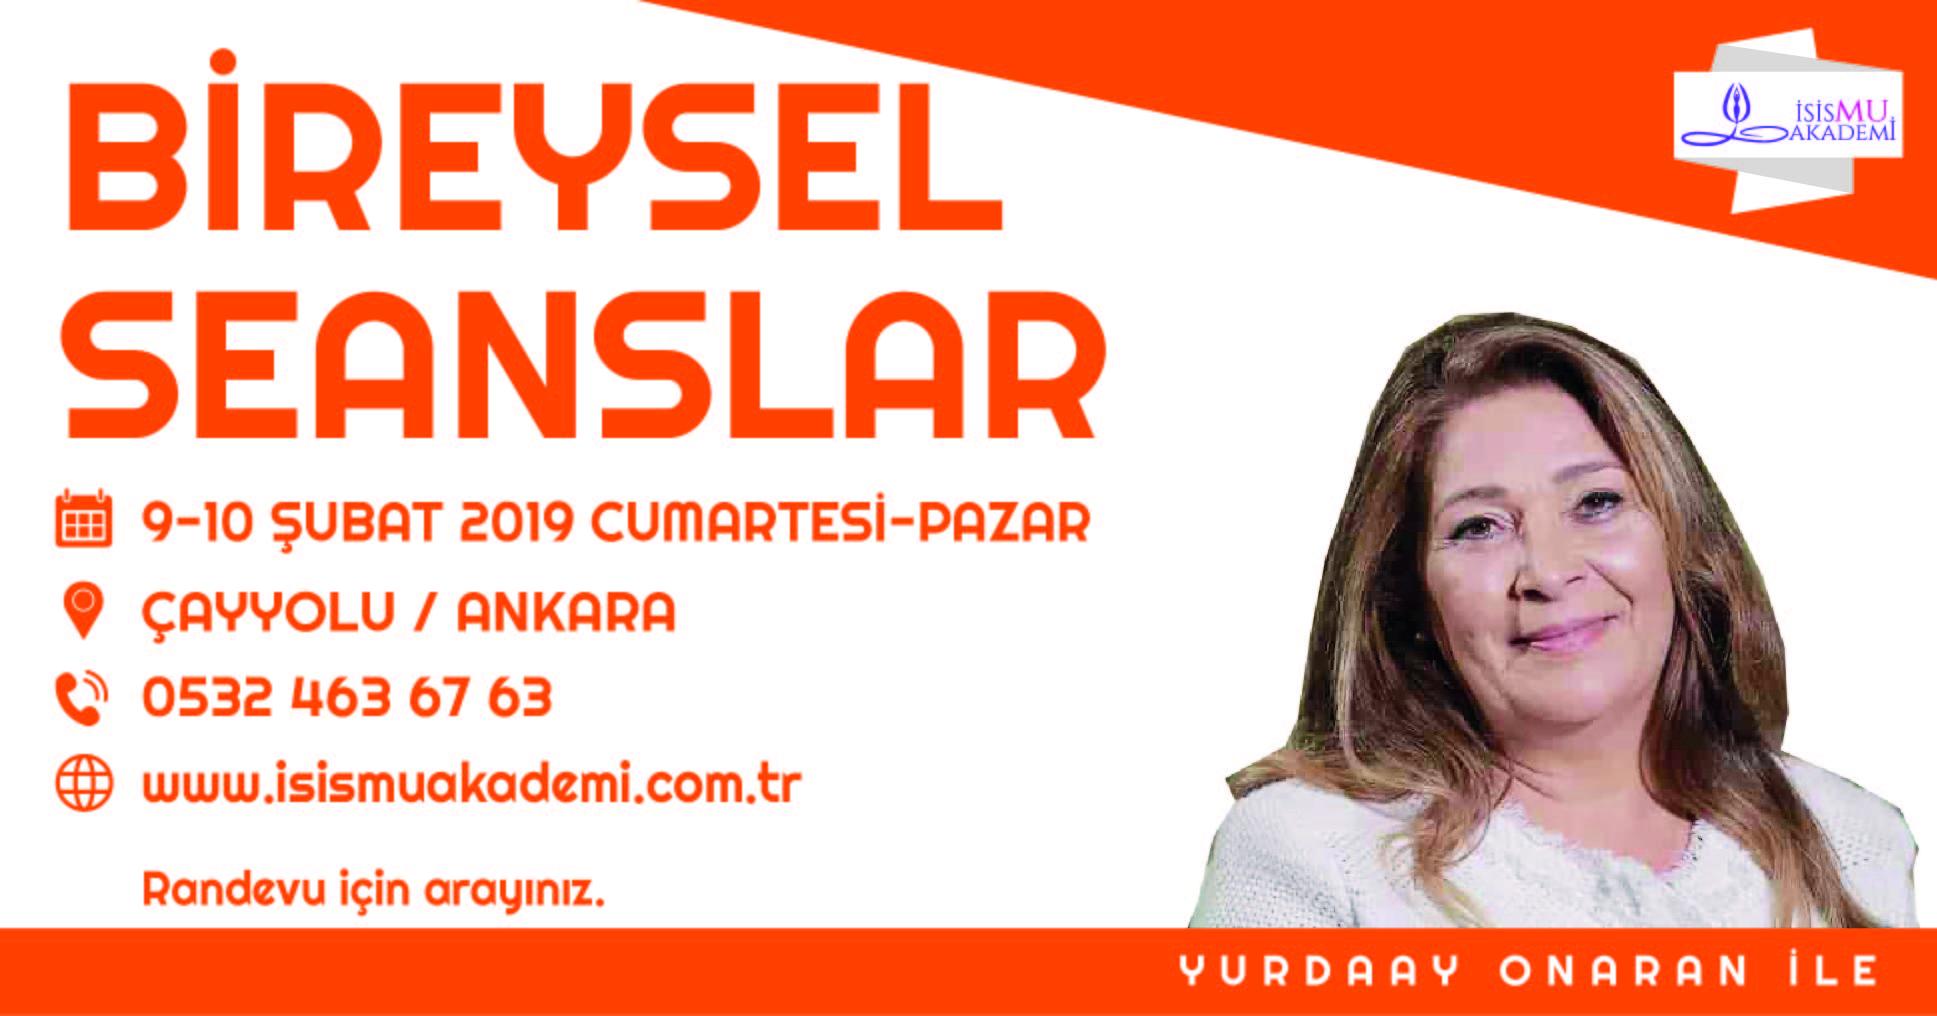 BÜTÜNSEL YAPILANDIRMA ve BİREYSEL SEANSLAR / ANKARA